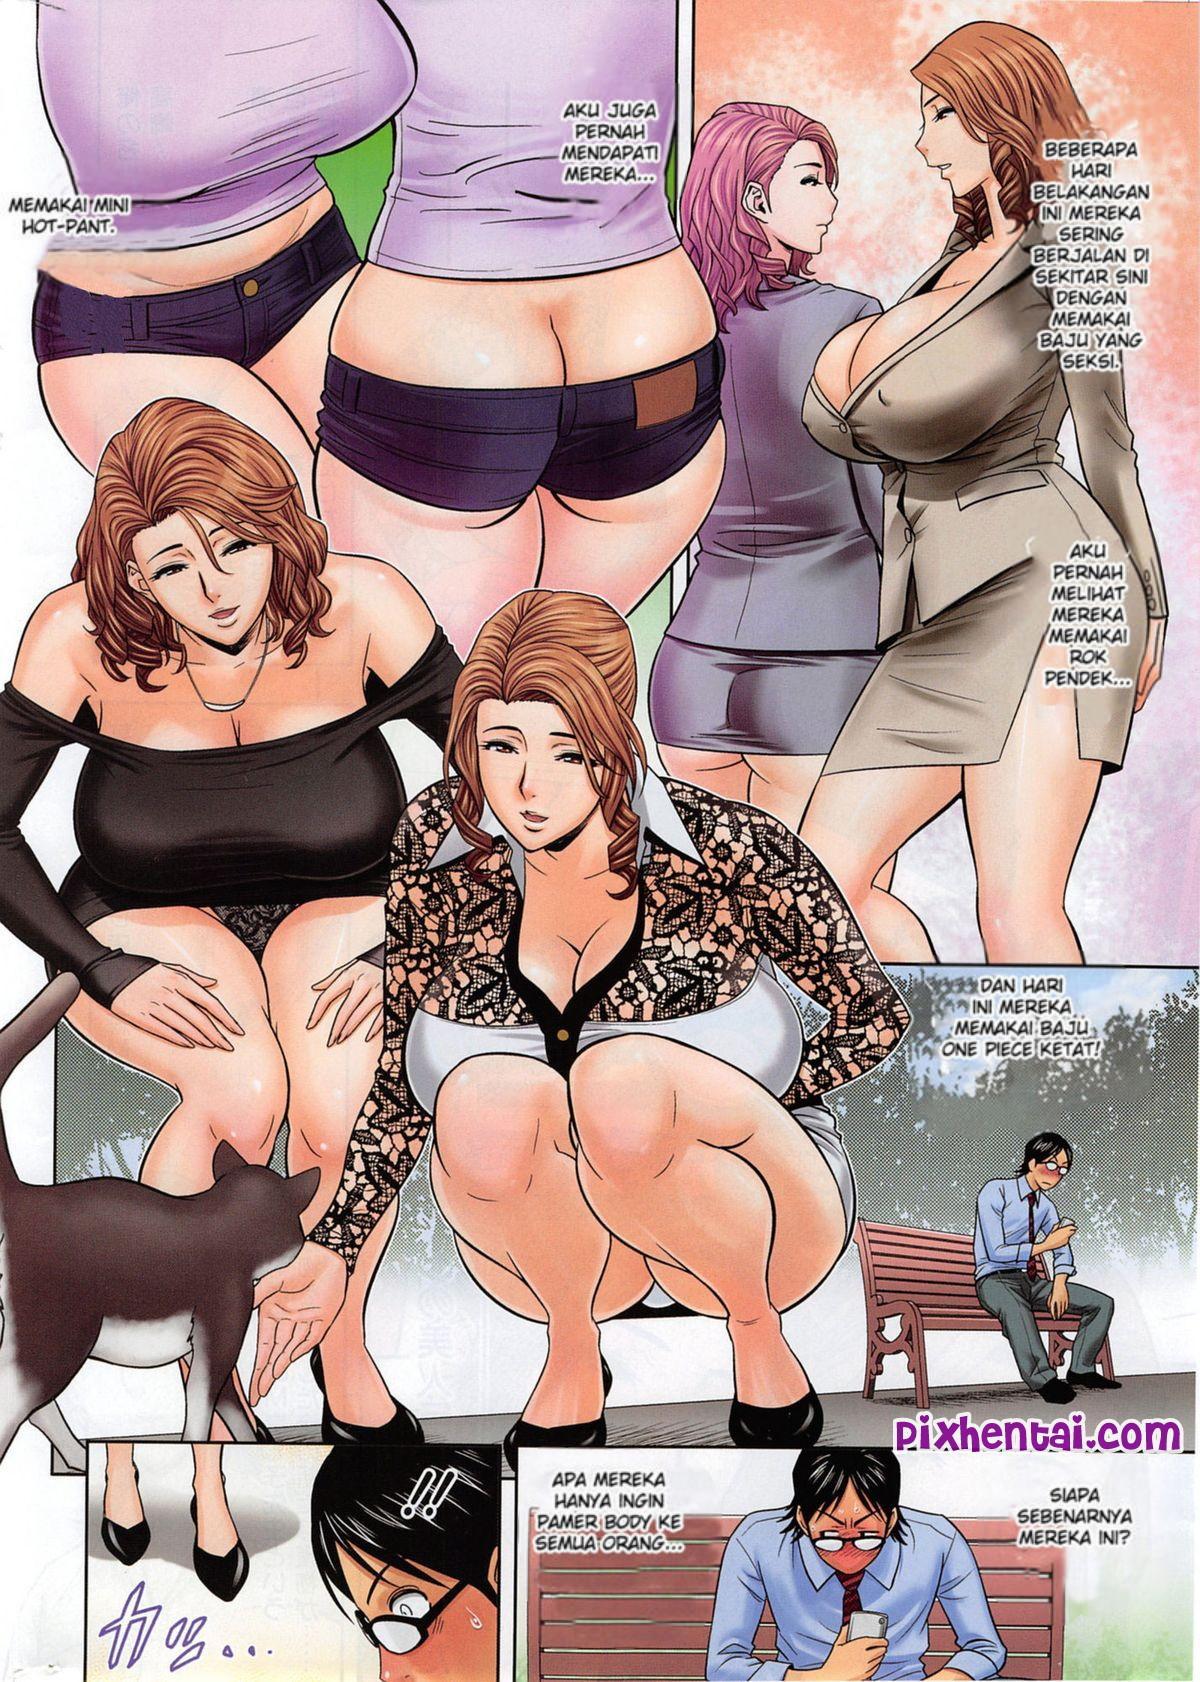 Pemburu Dada Besar Asli dan Sempurna Komik hentai xxx manga sex bokep 03